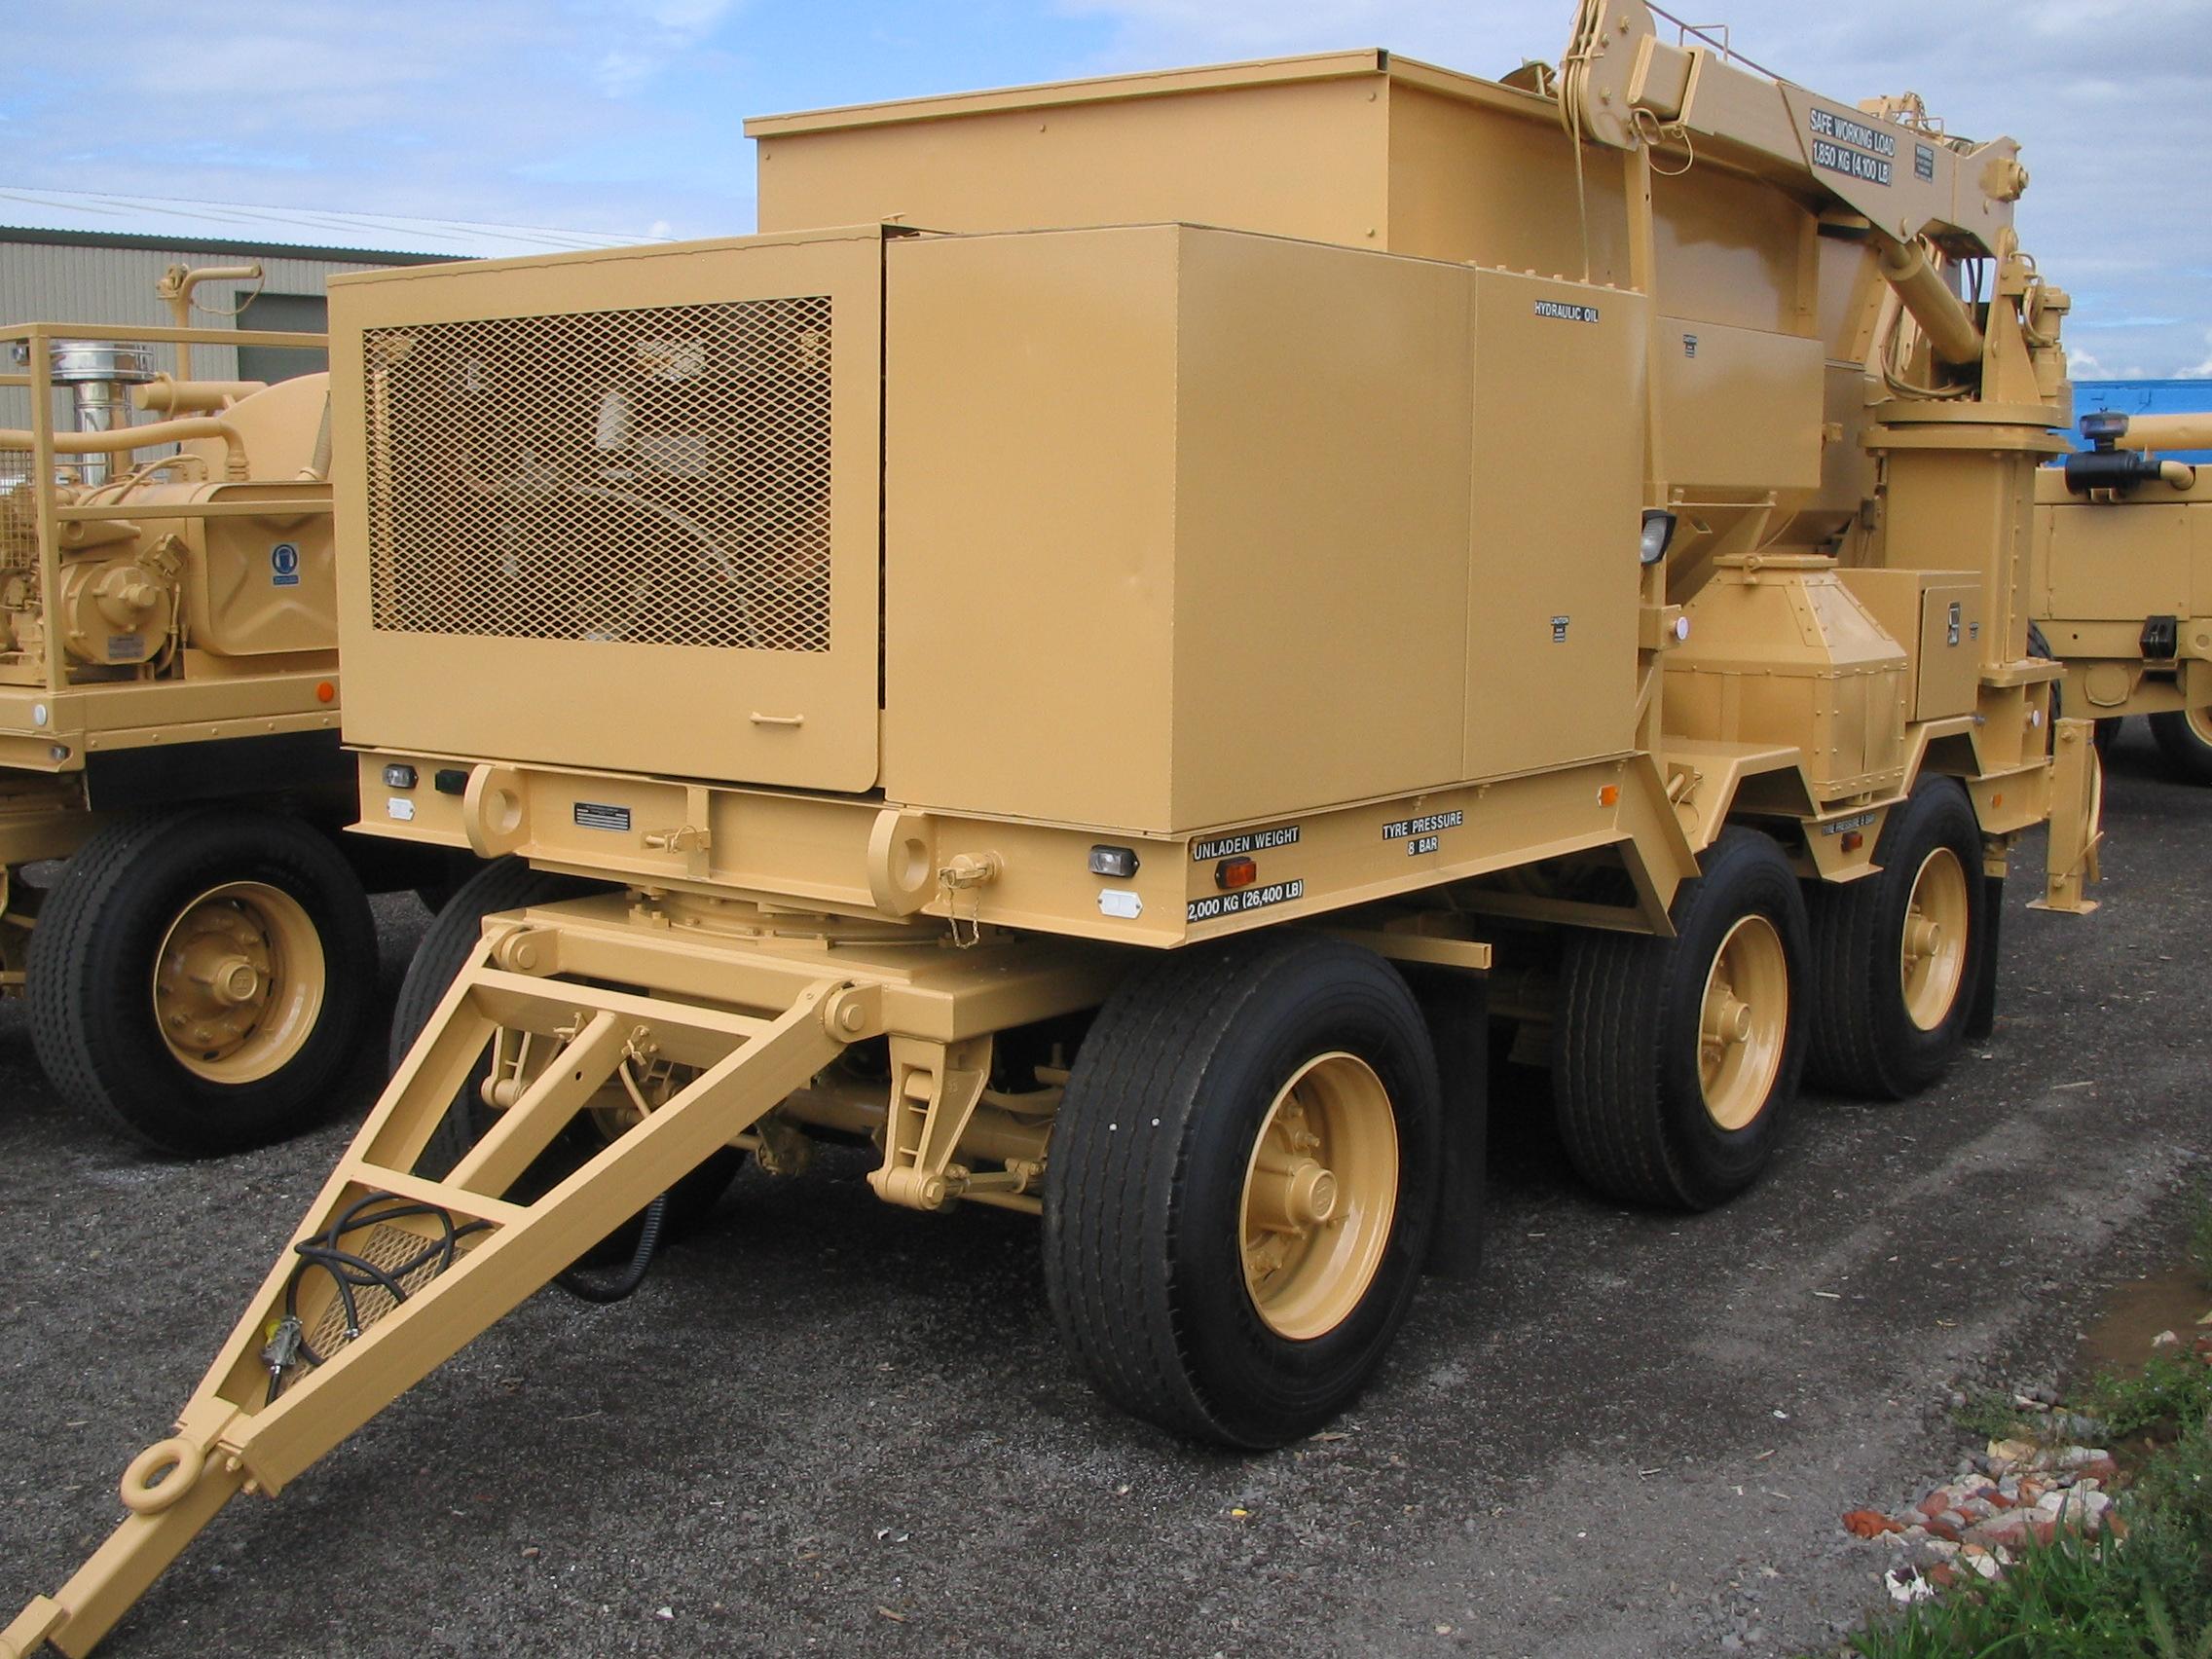 Volumetric concrete mixer - ex military vehicles for sale, mod surplus